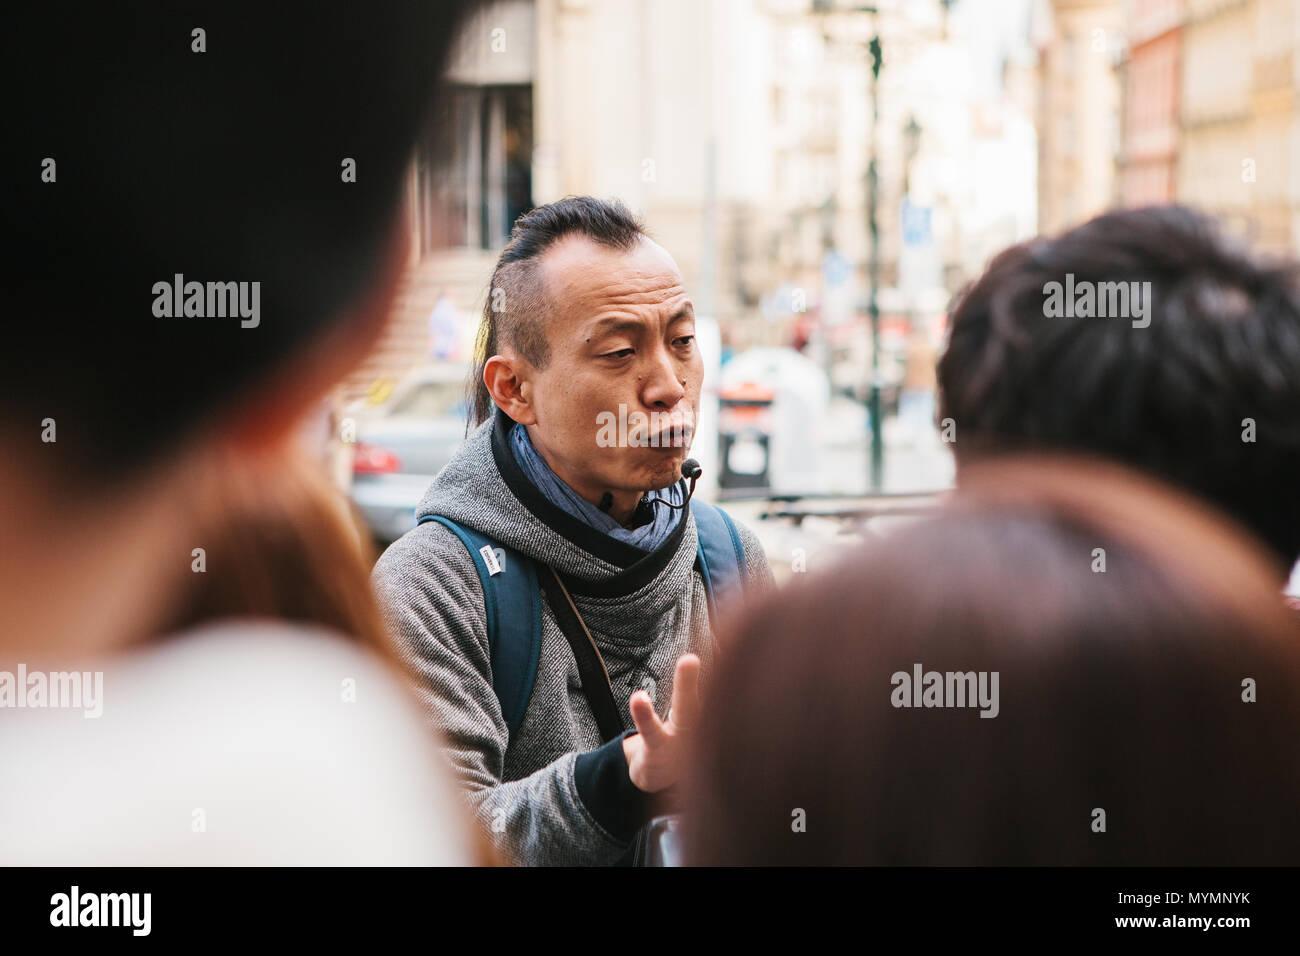 Prag, 21. September 2017: Asiatische guide emotional erzählt asiatische Touristen über die Sehenswürdigkeiten der Stadt und interessanten Orten. Prag ist eine der beliebtesten Städte für Touristen Stockbild